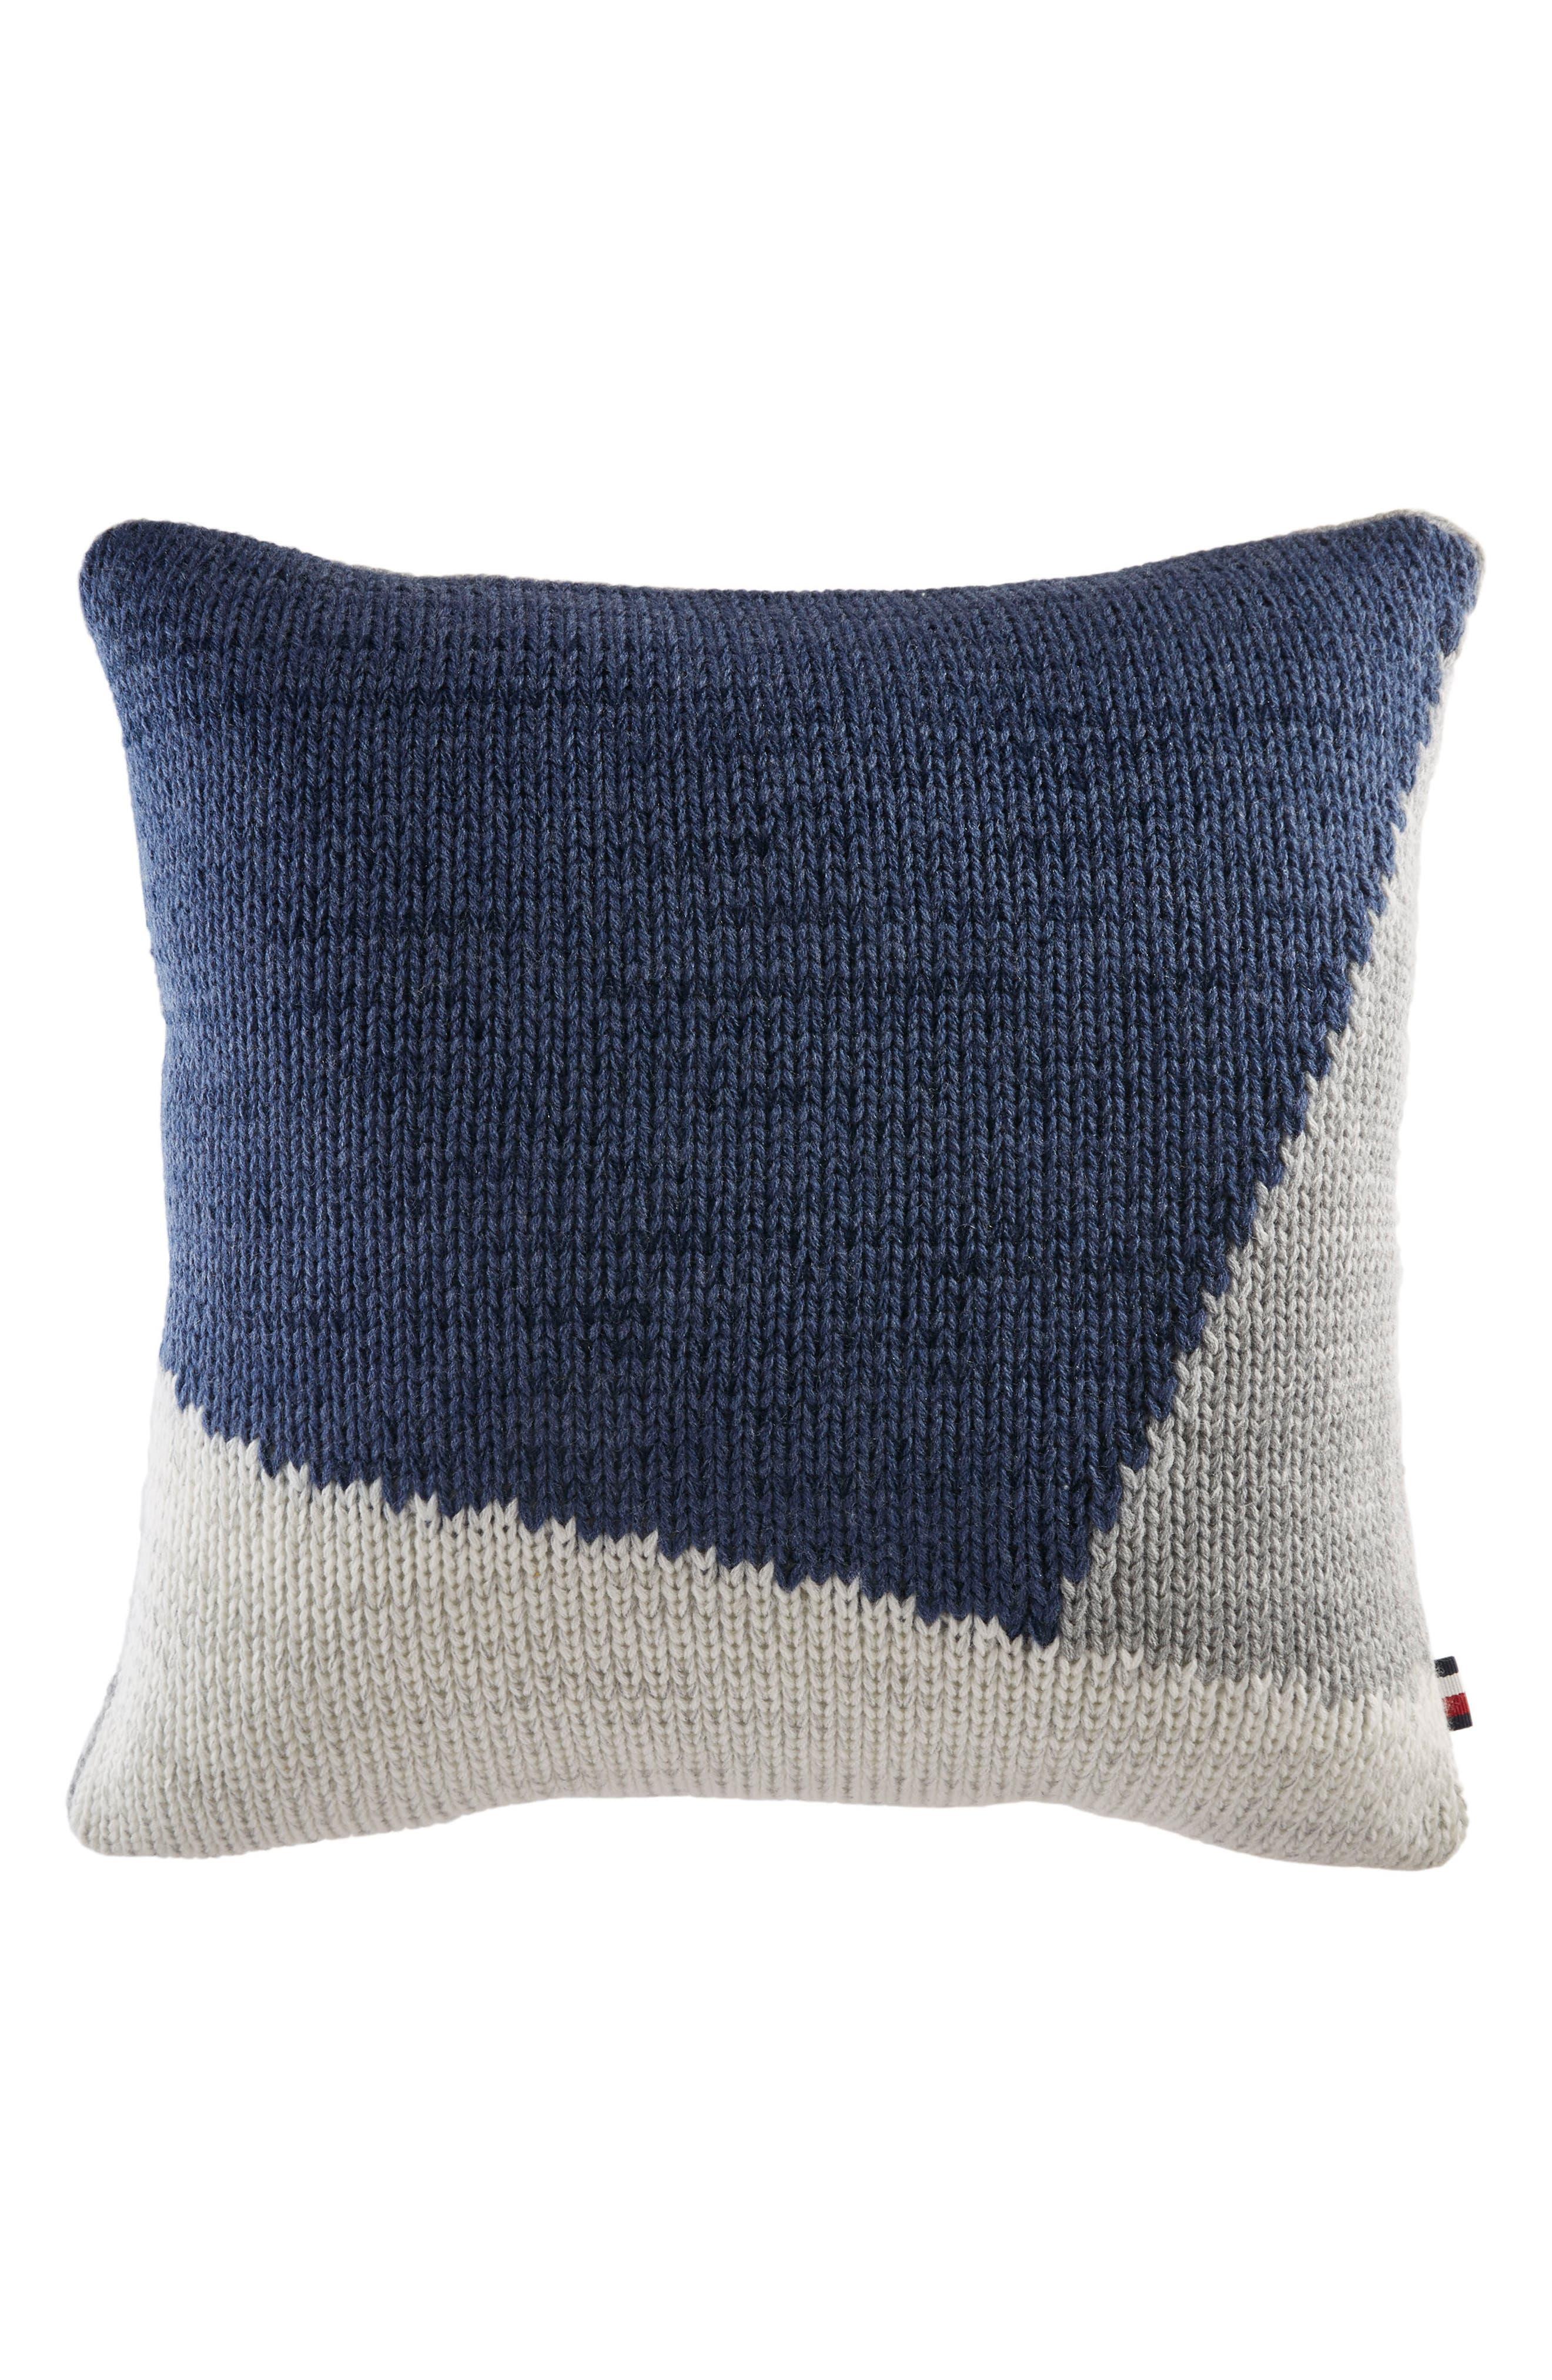 Colorblock Knit Accent Pillow,                             Main thumbnail 1, color,                             416